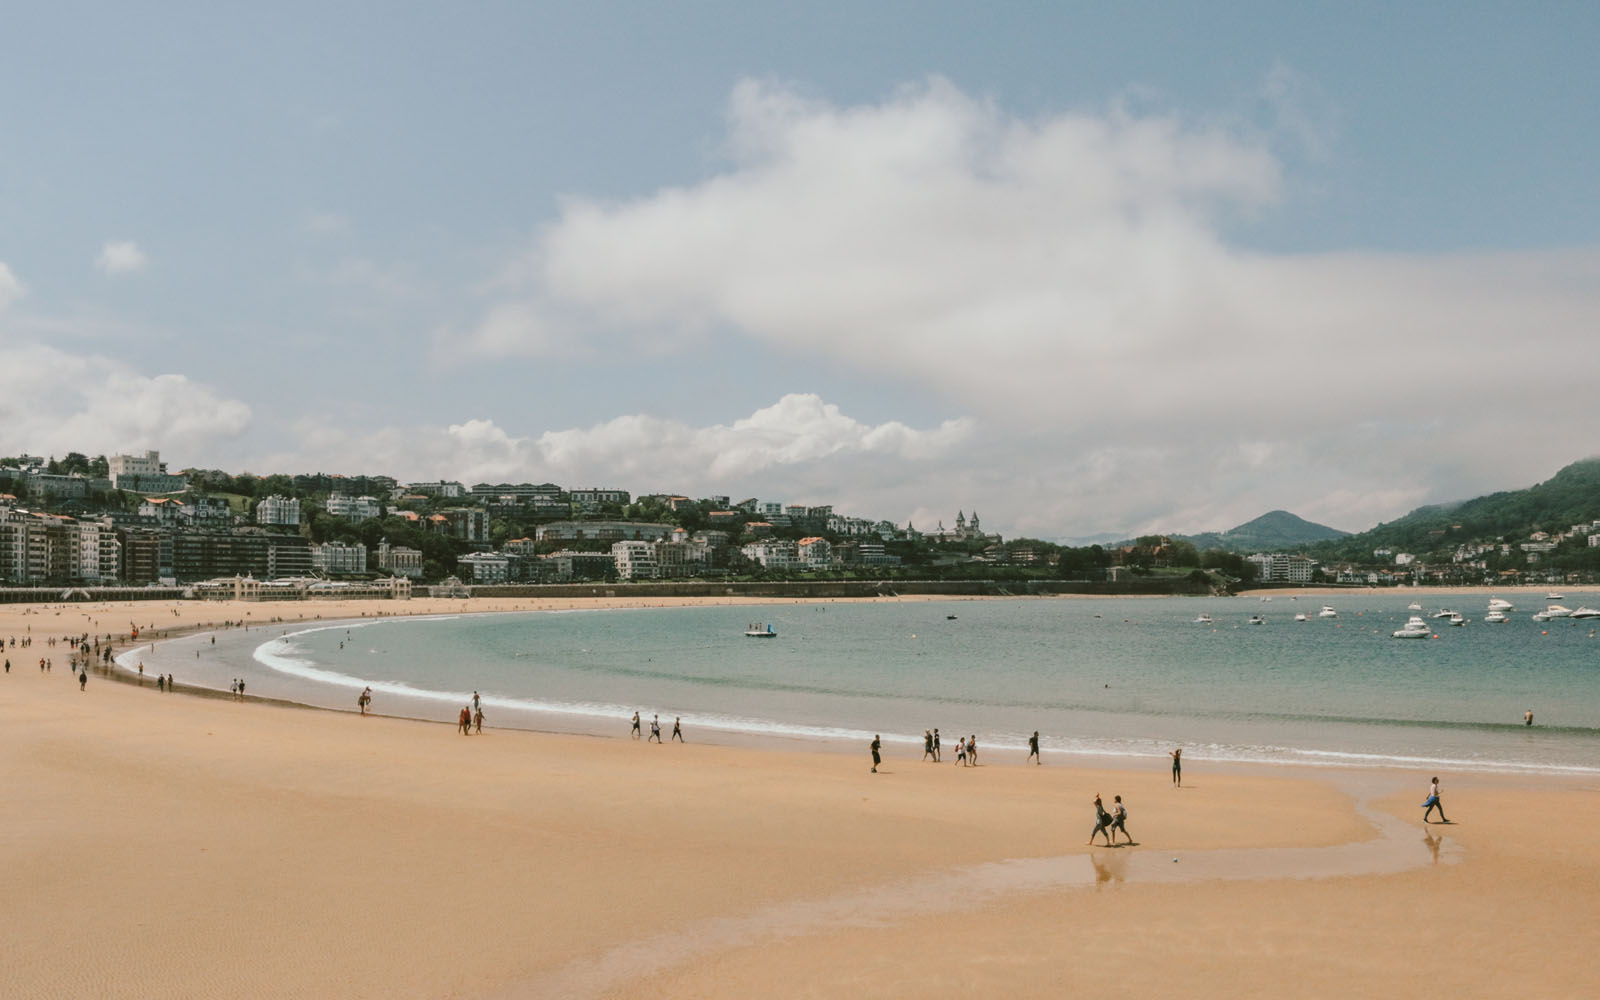 La spiaggia La Conchia di San Sebastian.